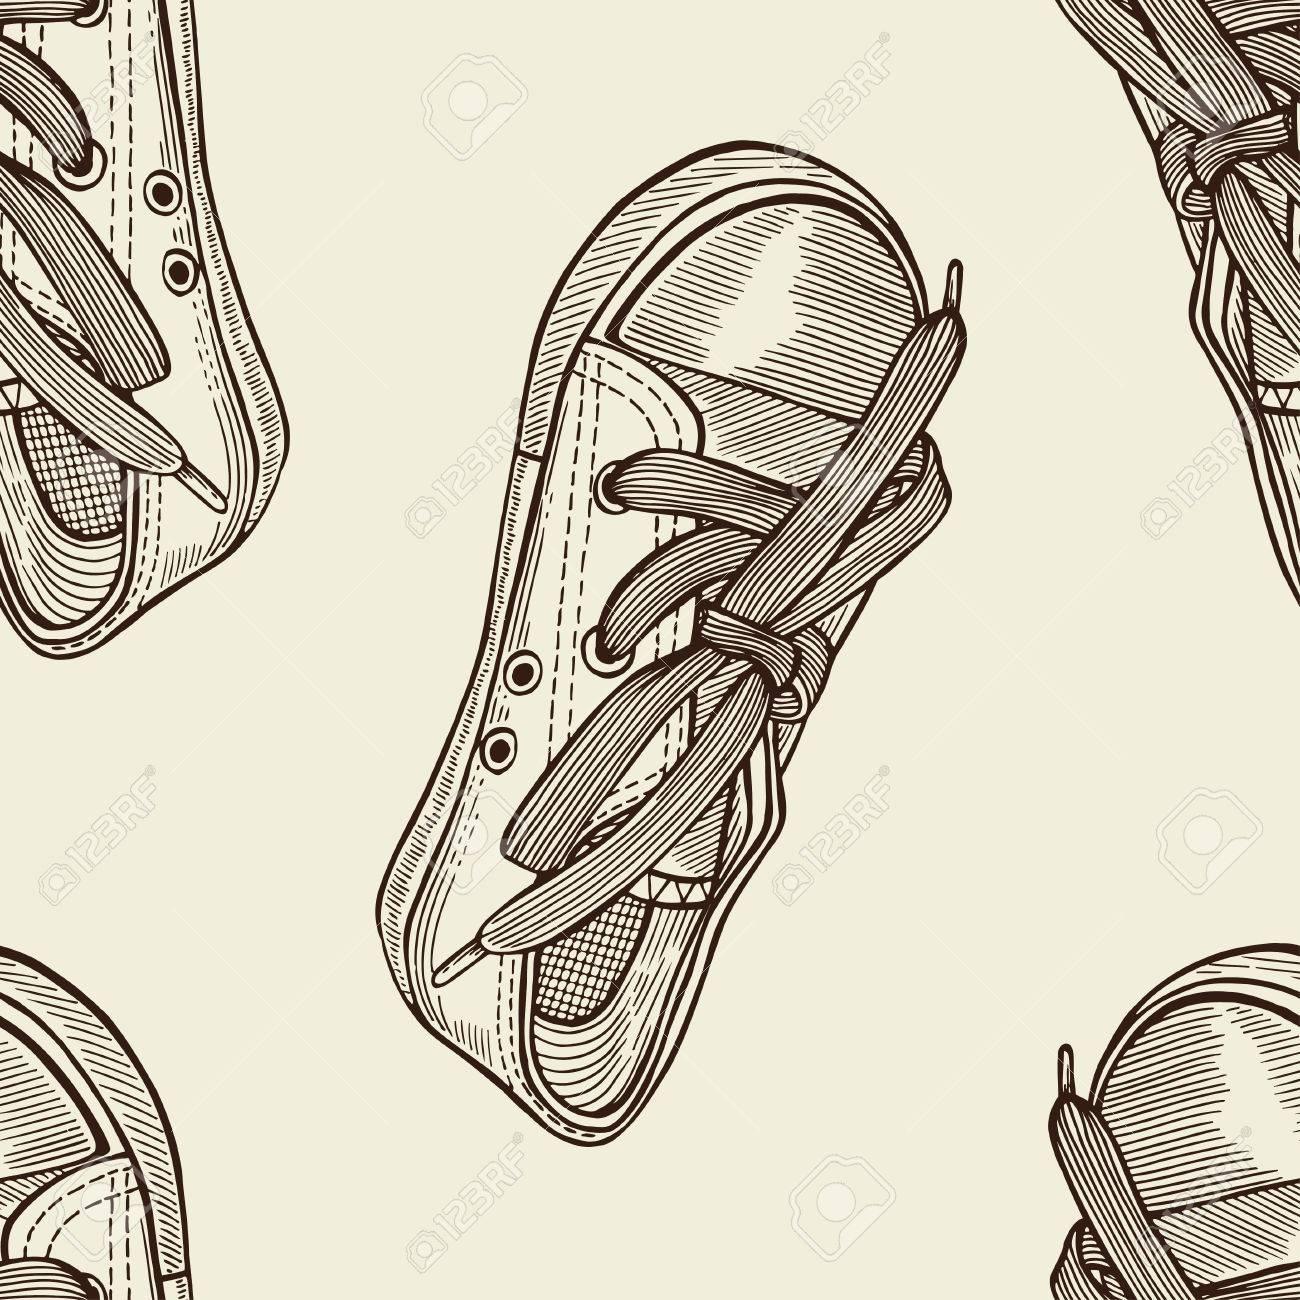 Zapatillas Sin A Nnw0vm8 Boceto Deporte Mano De Dibujado Patrón R54q3AjL